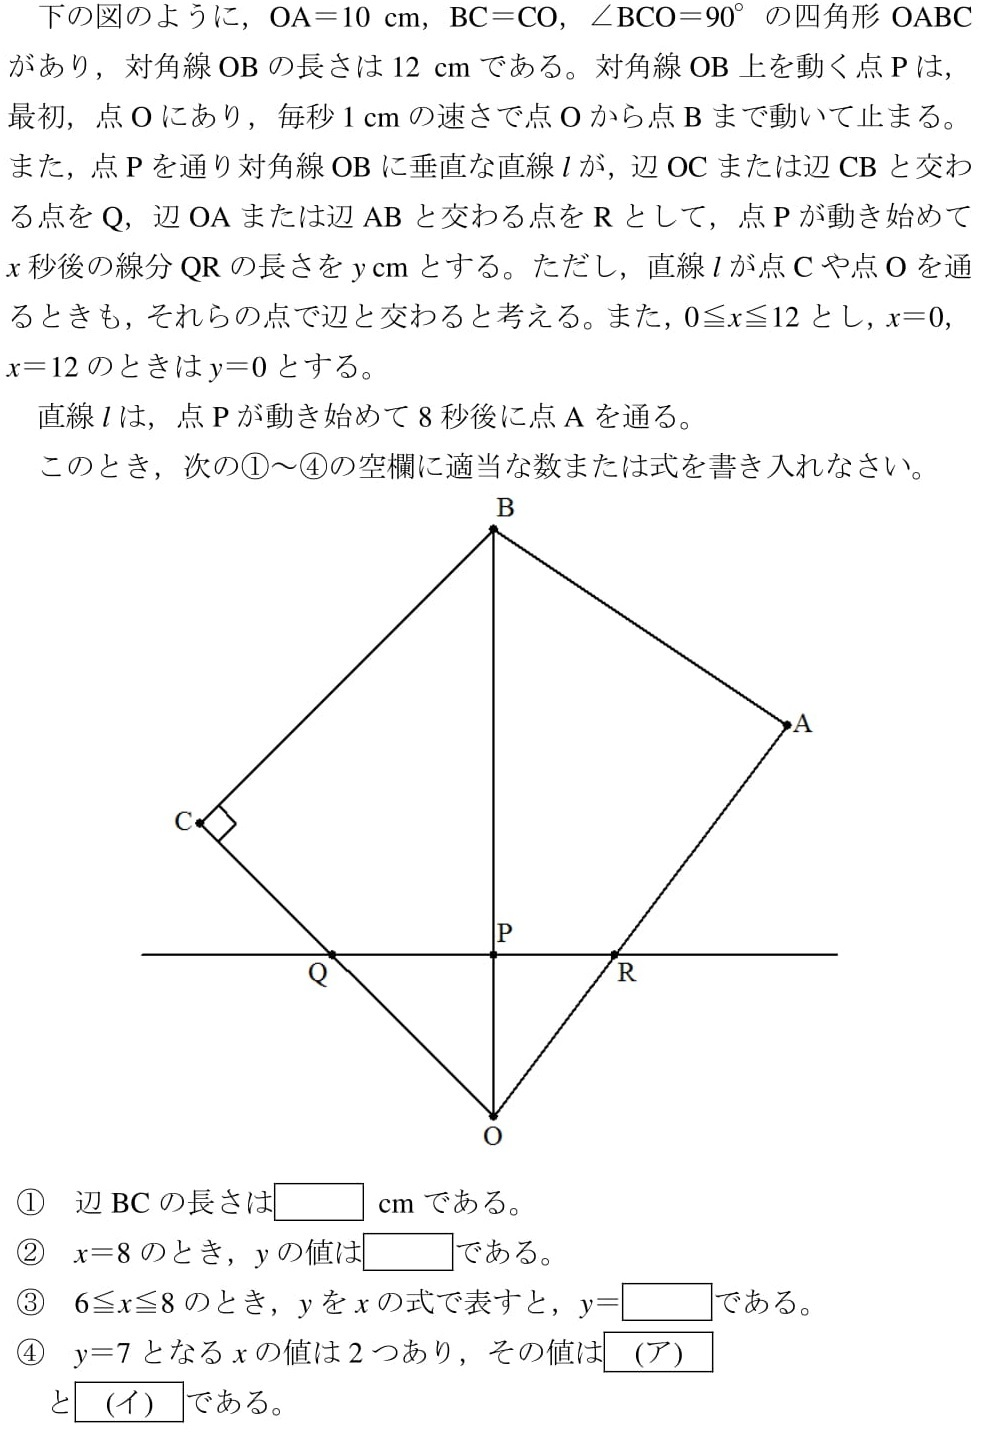 2006 岡山県 高校入試 過去問 数学 良問 難問 関数